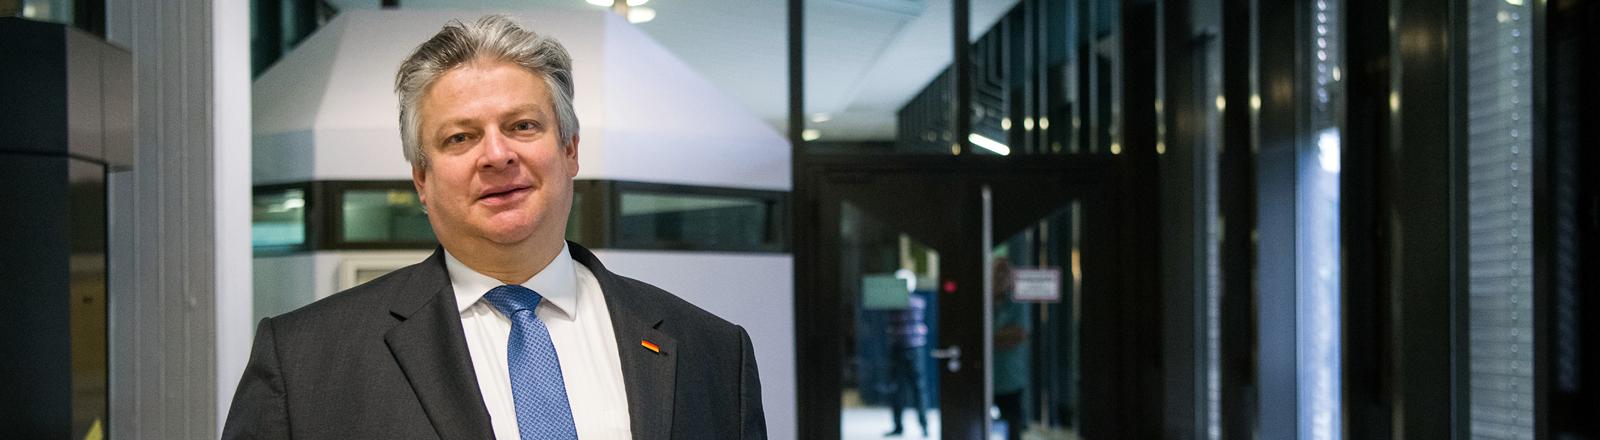 Thomas Seitz (AfD), Bundestagsabgeordneter, geht zu Beginn eines Disziplinarverfahrens vor dem Oberlandesgericht Stuttgart durch das Gerichtsgebäude.